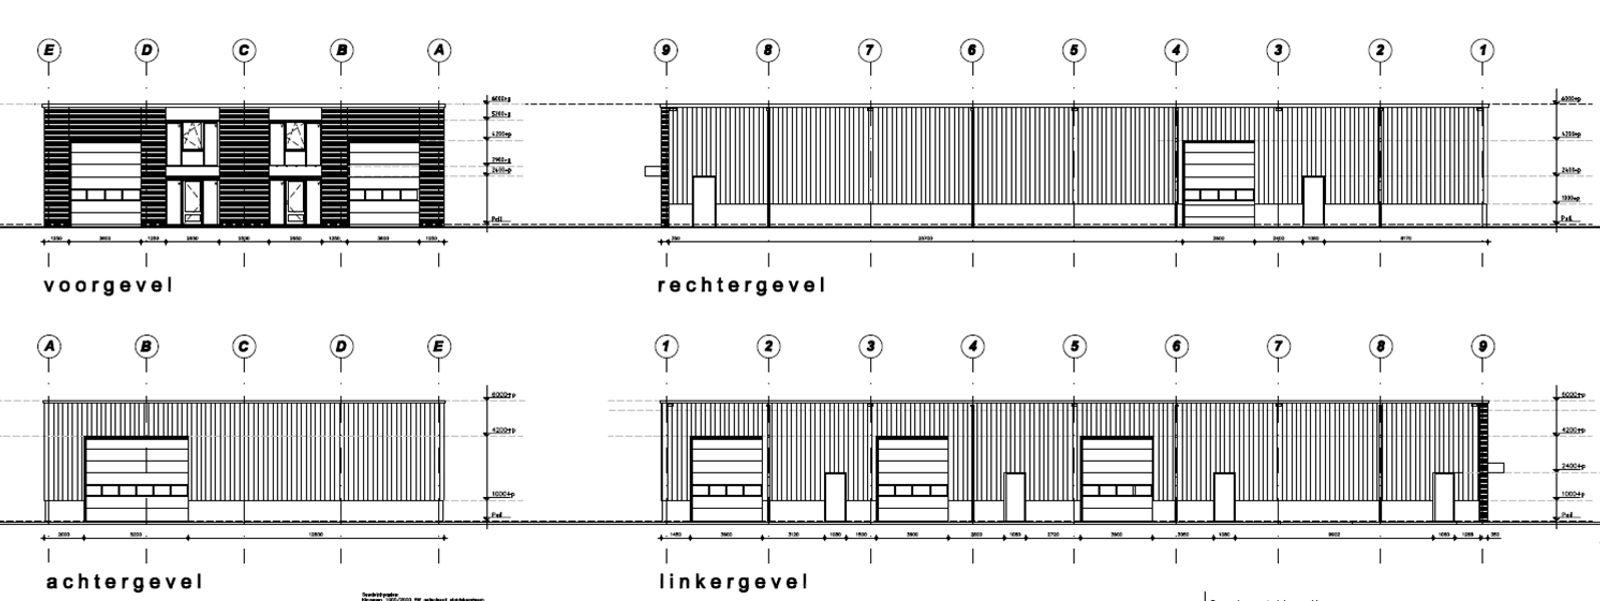 """Op het jongste bedrijventerrein van de Gemeente Zundert """"Beekzicht"""" wordt een kleinschalig bedrijfsverzamelgebouw gerealiseerd. Het bedrijfsverzamelgebouw beslaat in totaal 800 m² en kan verdeeld worden in diverse units van minimaal 100 m² eventueel met kantoorruimte. Het bedrijventerrein is erg gunstig gelegen en is met een goede toegankelijkheid middels uitvalswegen richting de A16 en A58 in de nabijheid. In de bijlage wordt een indicatieve indeling van het te realiseren bedrijfsverzamelgebouw weer gegeven. Naar gelang de wens van koper en de beschikbaarheid kan de indeling aangepast worden.  TECHNISCHE OMSCHRIJVING - Deuren en kozijnen - Houten deuren en kozijnen, kleur- Ral 7021 (ook van roldeuren) - Vloeren - Gevlinderde betonvloer - Platte dak - Dakplaten met daarop PVC dakbedekking - Isolatie - Vloer, platdak en gevels; spouwmuur en sandwichpanelen  Kantoorruimte- - Gevels- Baksteen - Mangaan, wildverband Voegwerk - Zandcement, donkergrijs. - Binnenzijde- stucwerk wanden en systeemplafond, voorzien van een keukenblok  Bedrijfsruimte- - Gevels- Sandwichpanelen - Ral 7046 Borstwerking - Betonpanelen, naturel. - Binnenzijde- glad staal constructie op kleur gespoten, kalkzandsteen veiling blokken  Overige informatie - Buitenterrein wordt geklinkerd - Units zijn uitgevoerd met meterkast - PV (Zonnepanelen) kunnen voorzien worden met meerwerk"""